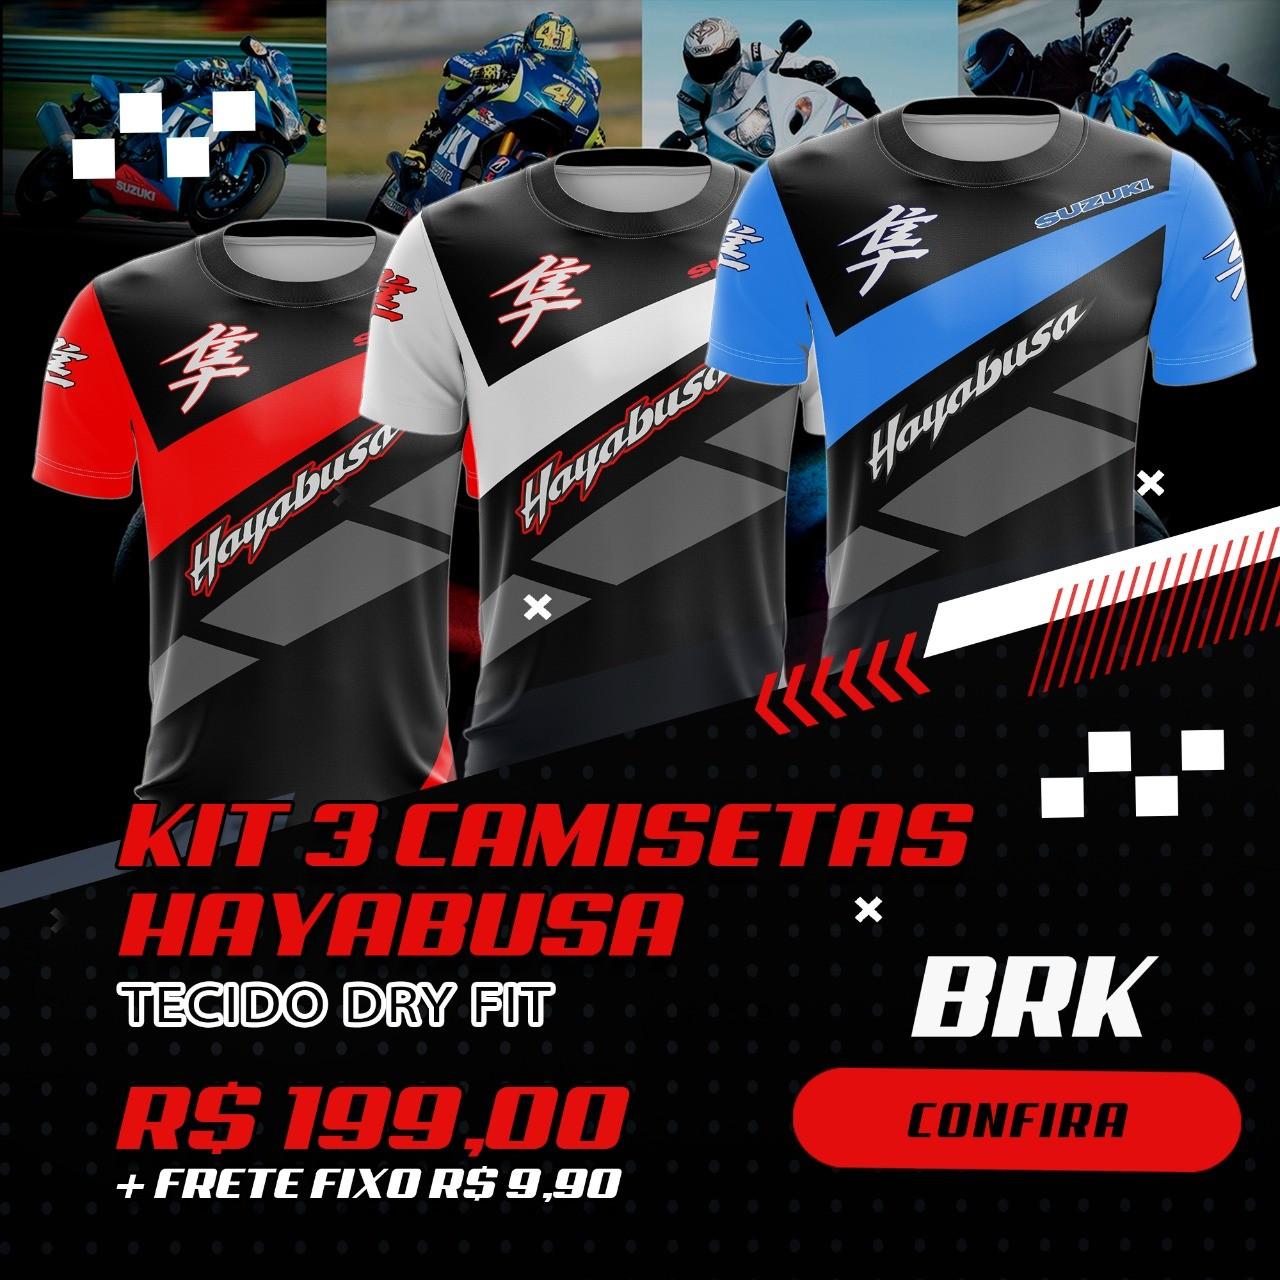 Kit 3 Camisetas Brk Motociclismo Hayabusa com FPU 50+